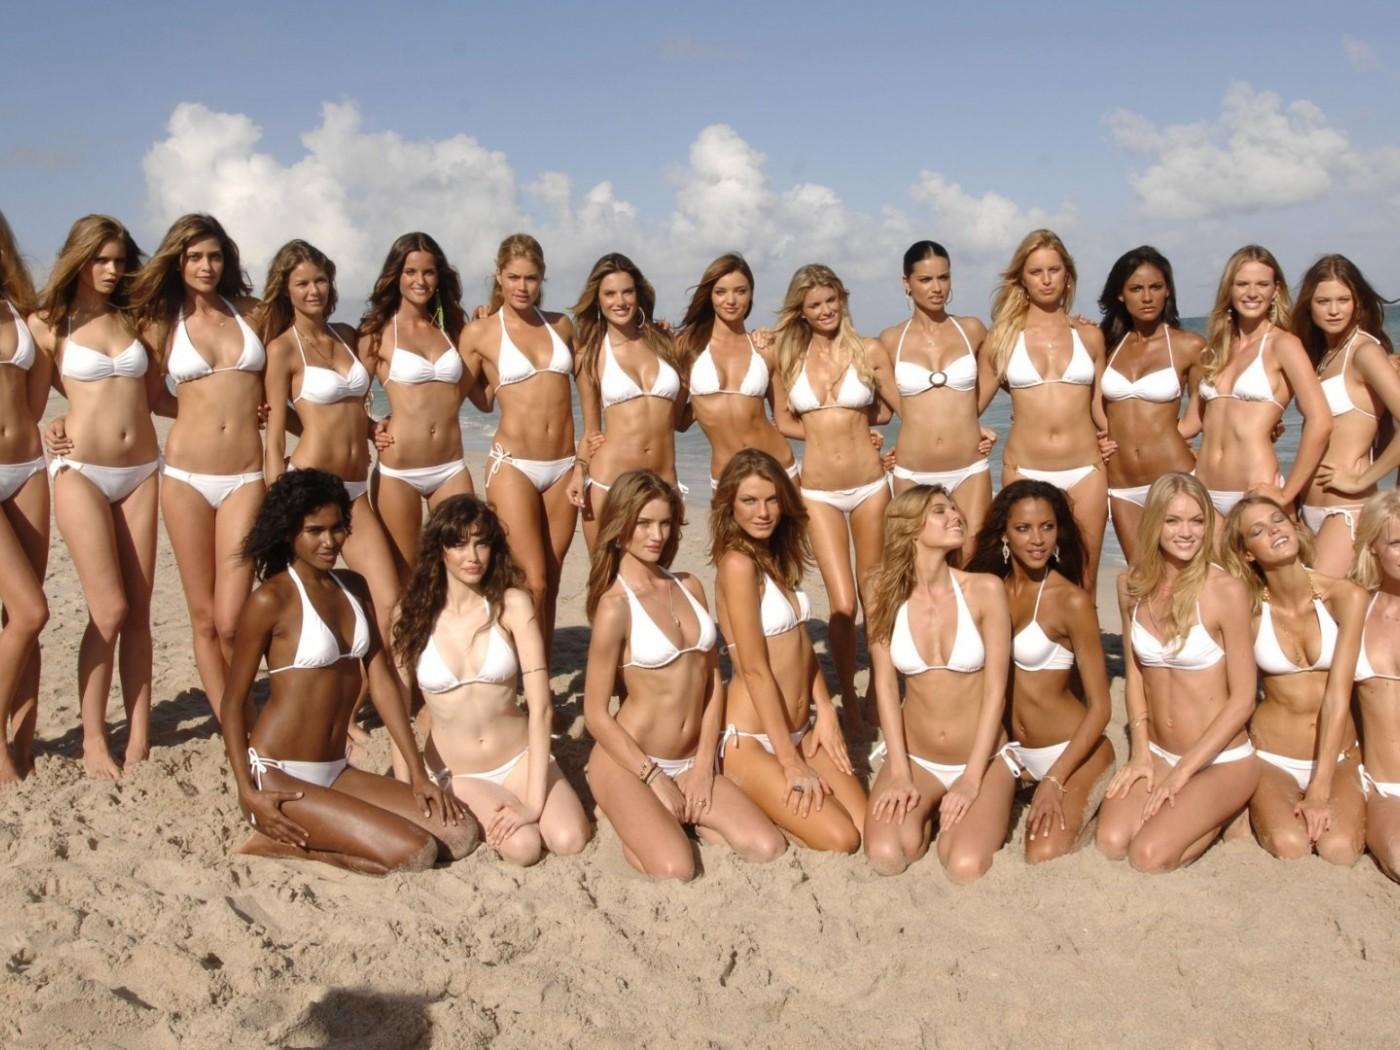 Секс больших женщин групповое, Большие сиськи групповой секс зрелые женщины 9 фотография